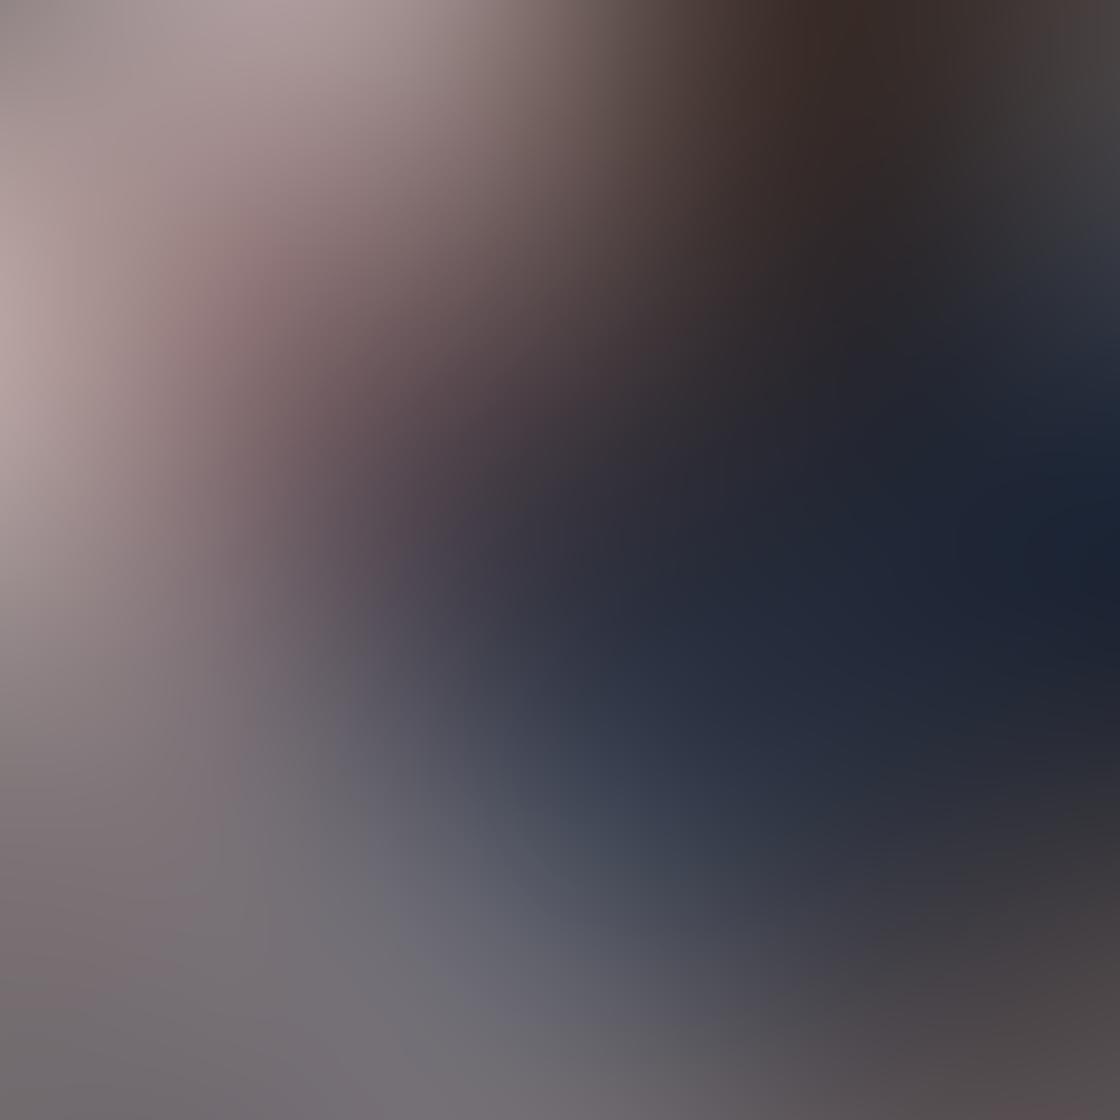 Ztylus Z-Prime iPhone Lens 5